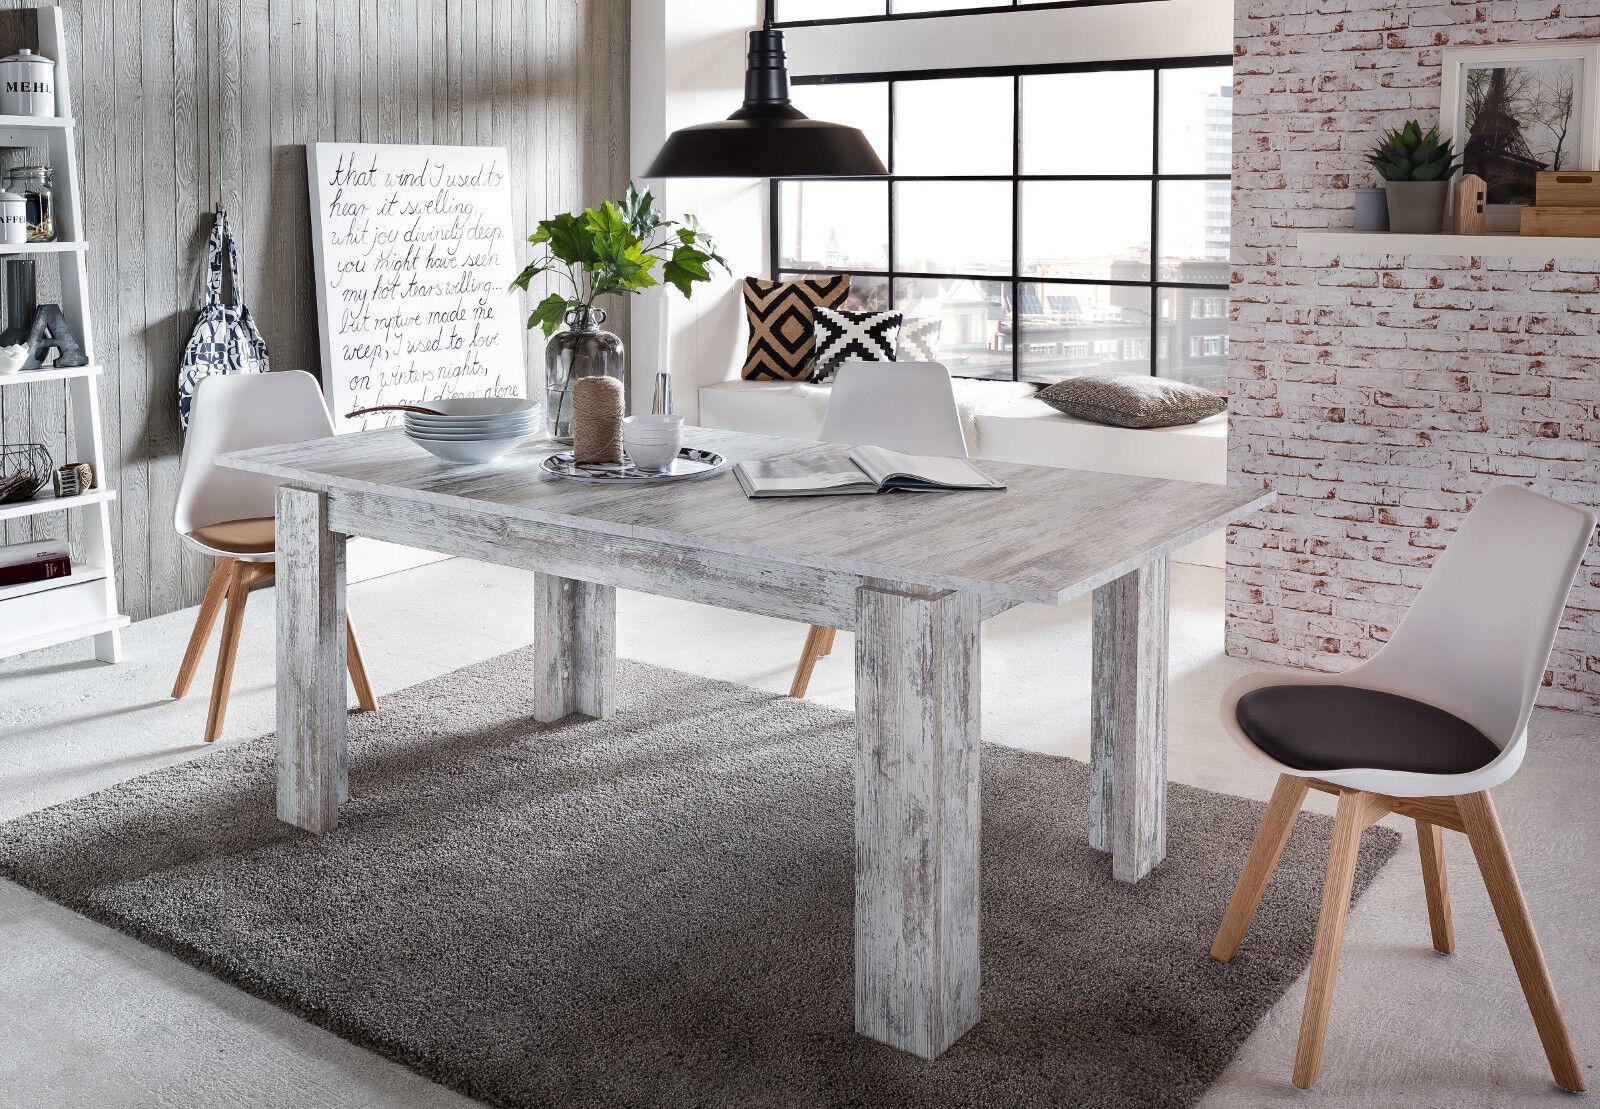 Esstisch Esszimmer Tisch weiß Pinie Shabby Holztisch ausziehbar 160 200 cm River • EUR 196,99 ...